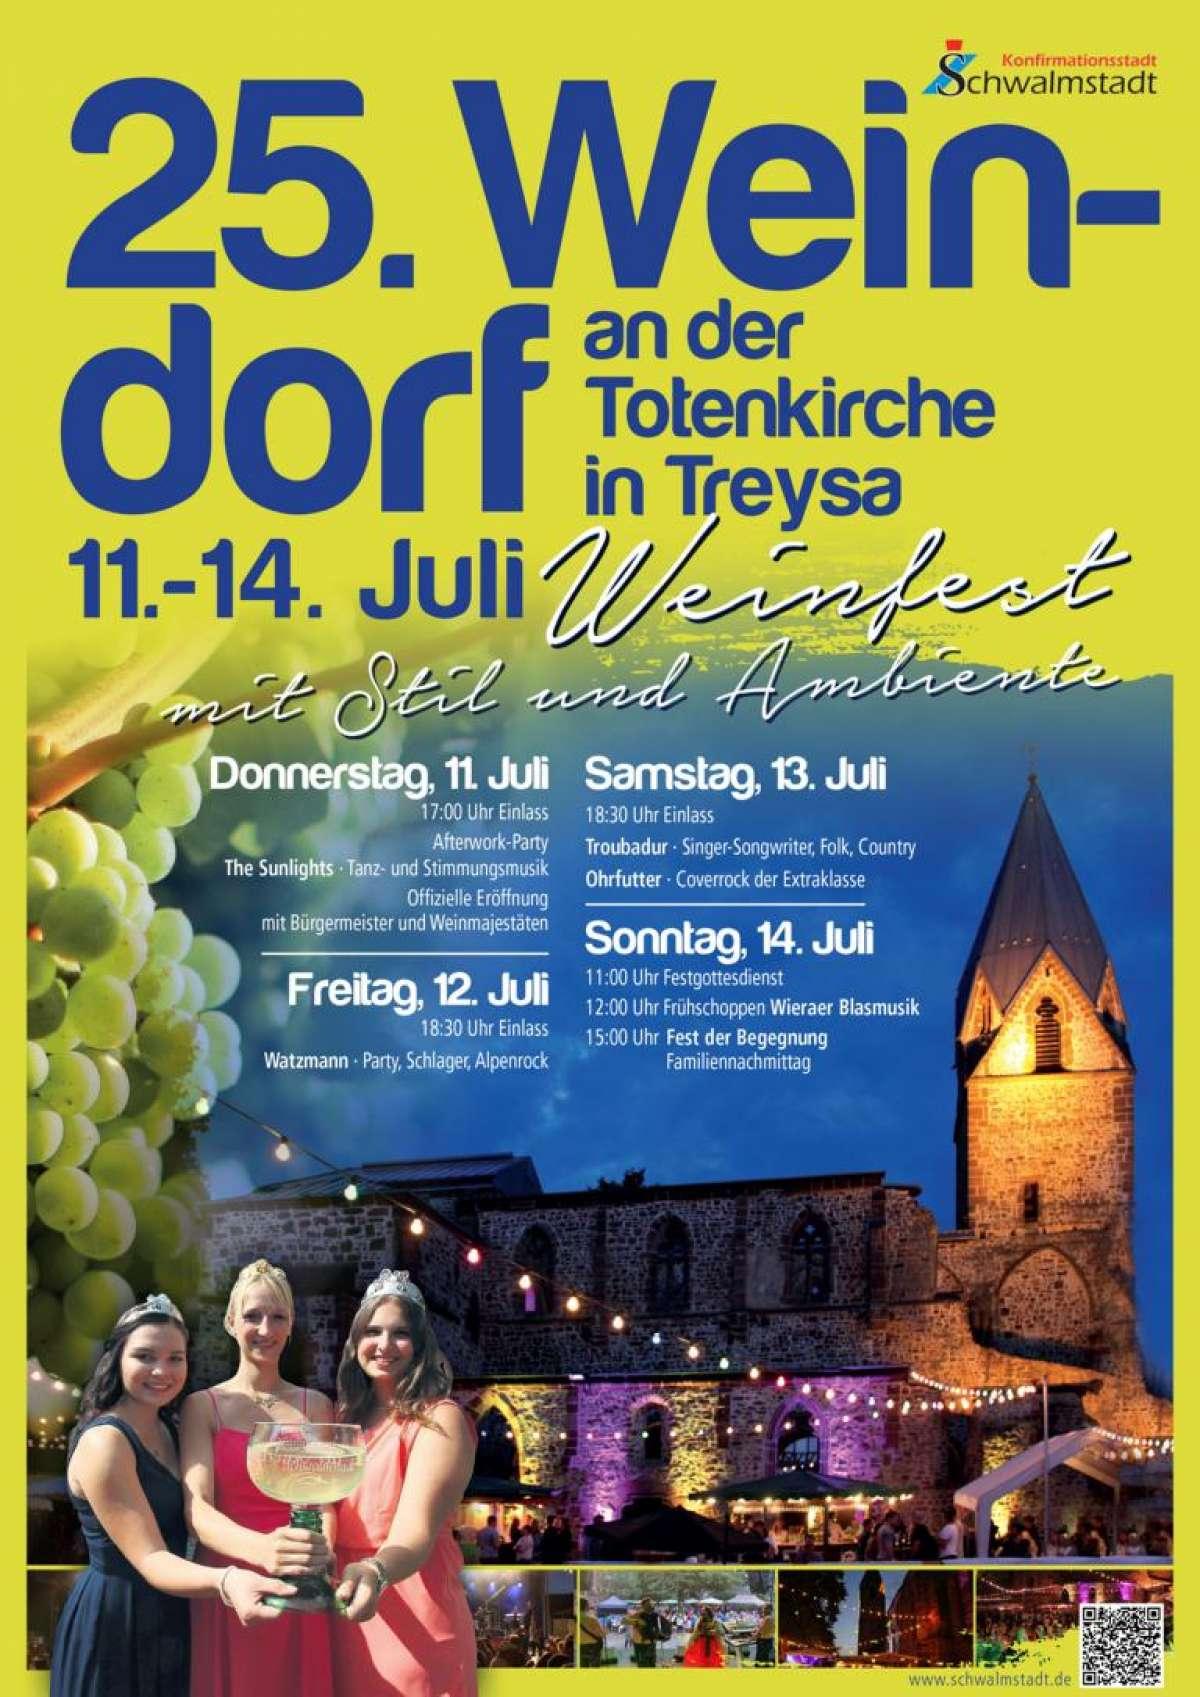 Weindorf an der Totenkirche - The Sunlights - An der Totenkirche - Schwalmstadt-Treysa